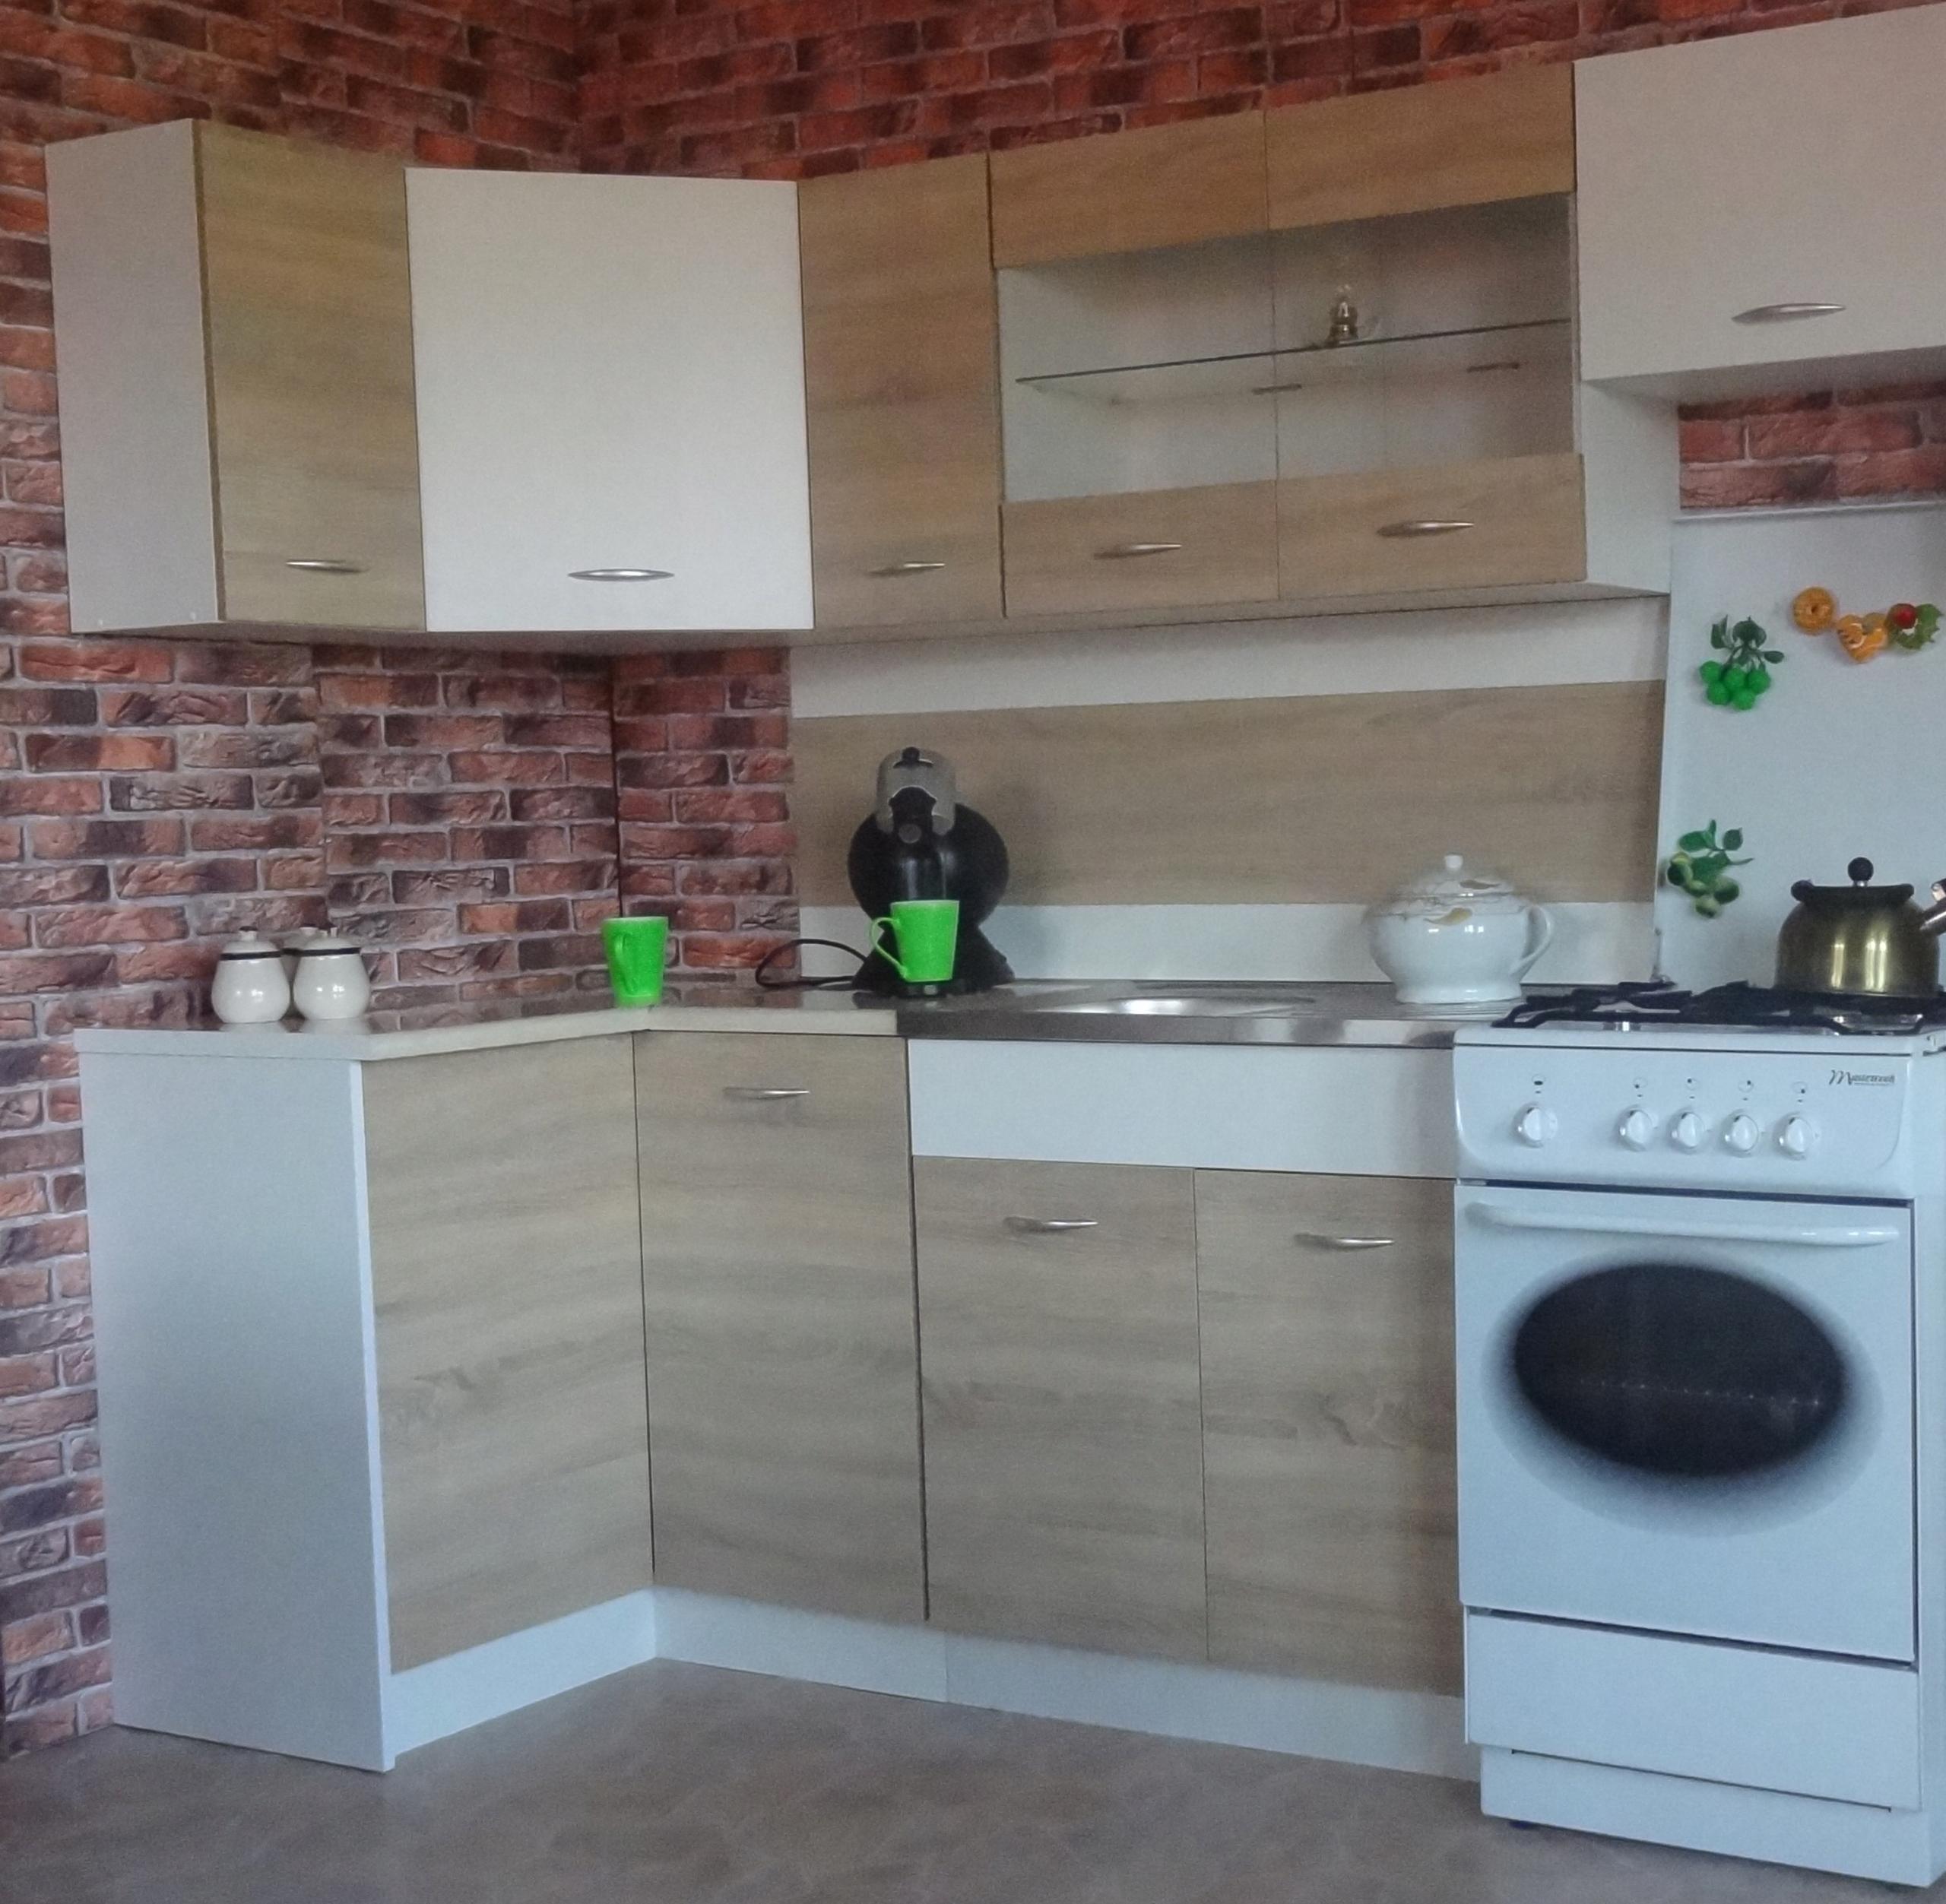 Кухонная мебель NOWA типа MINI MIX